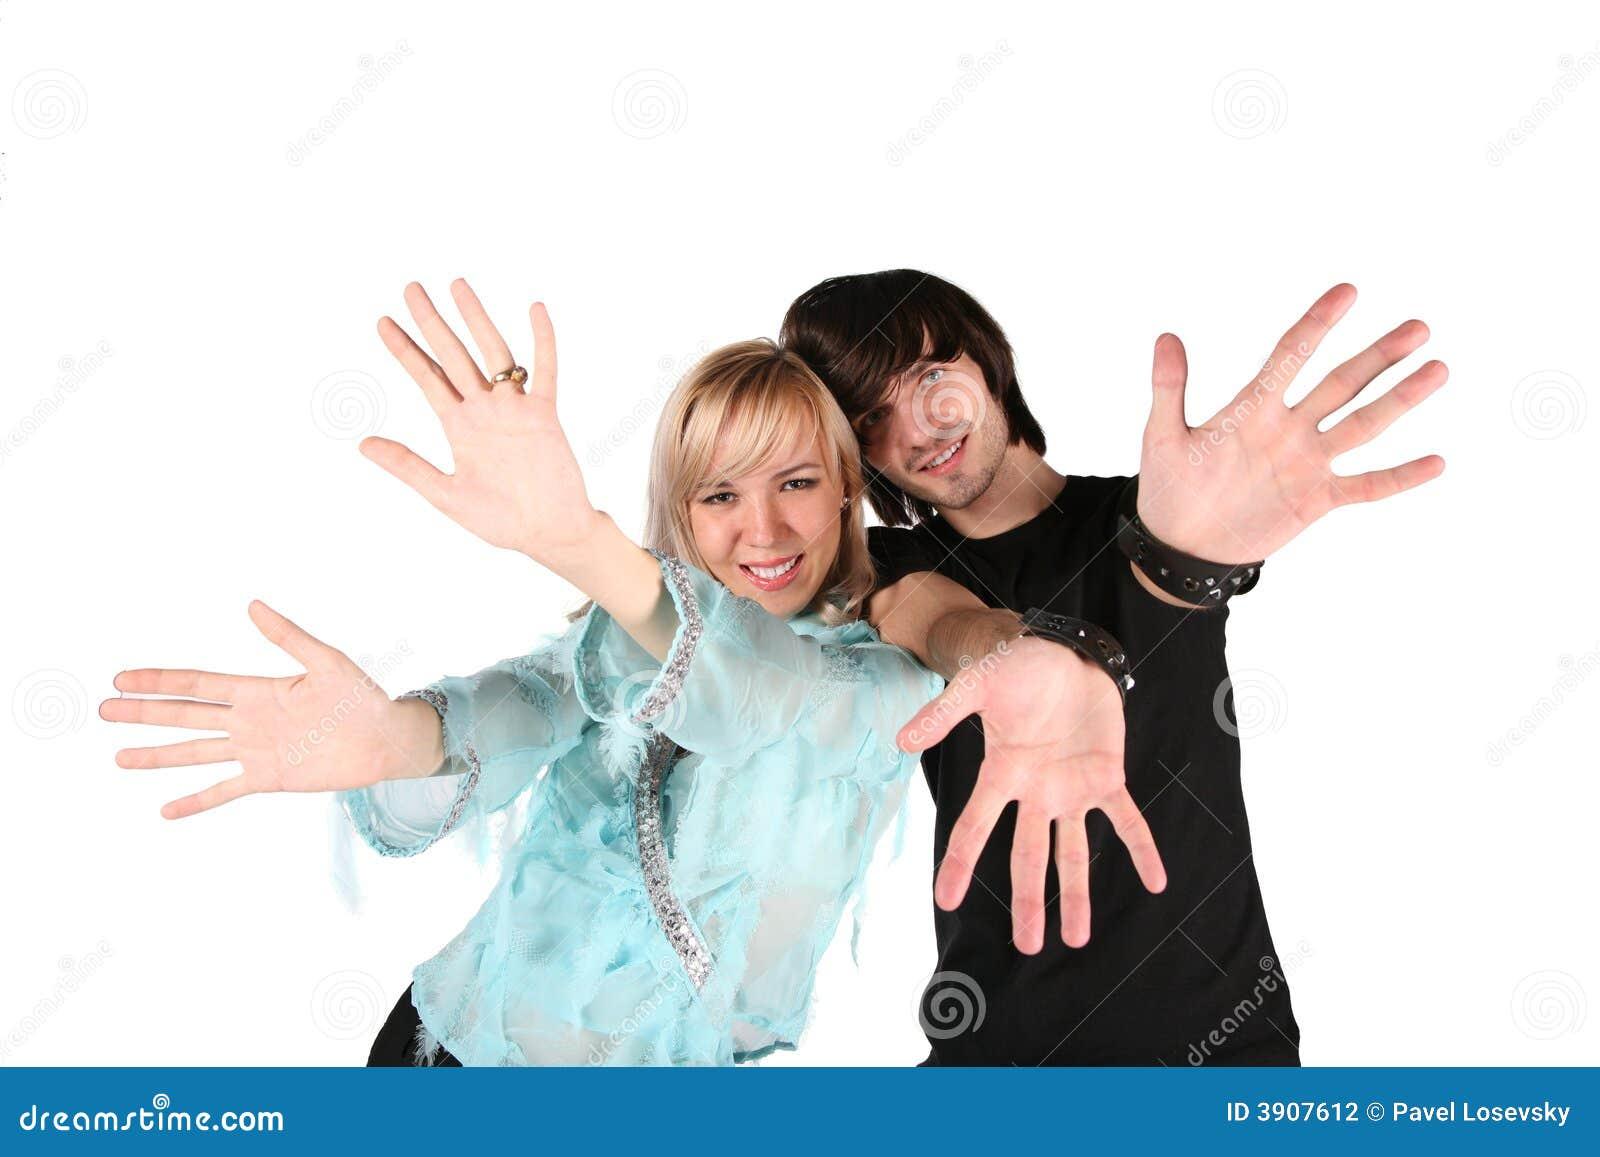 La muchacha y el muchacho muestran gestos por las manos